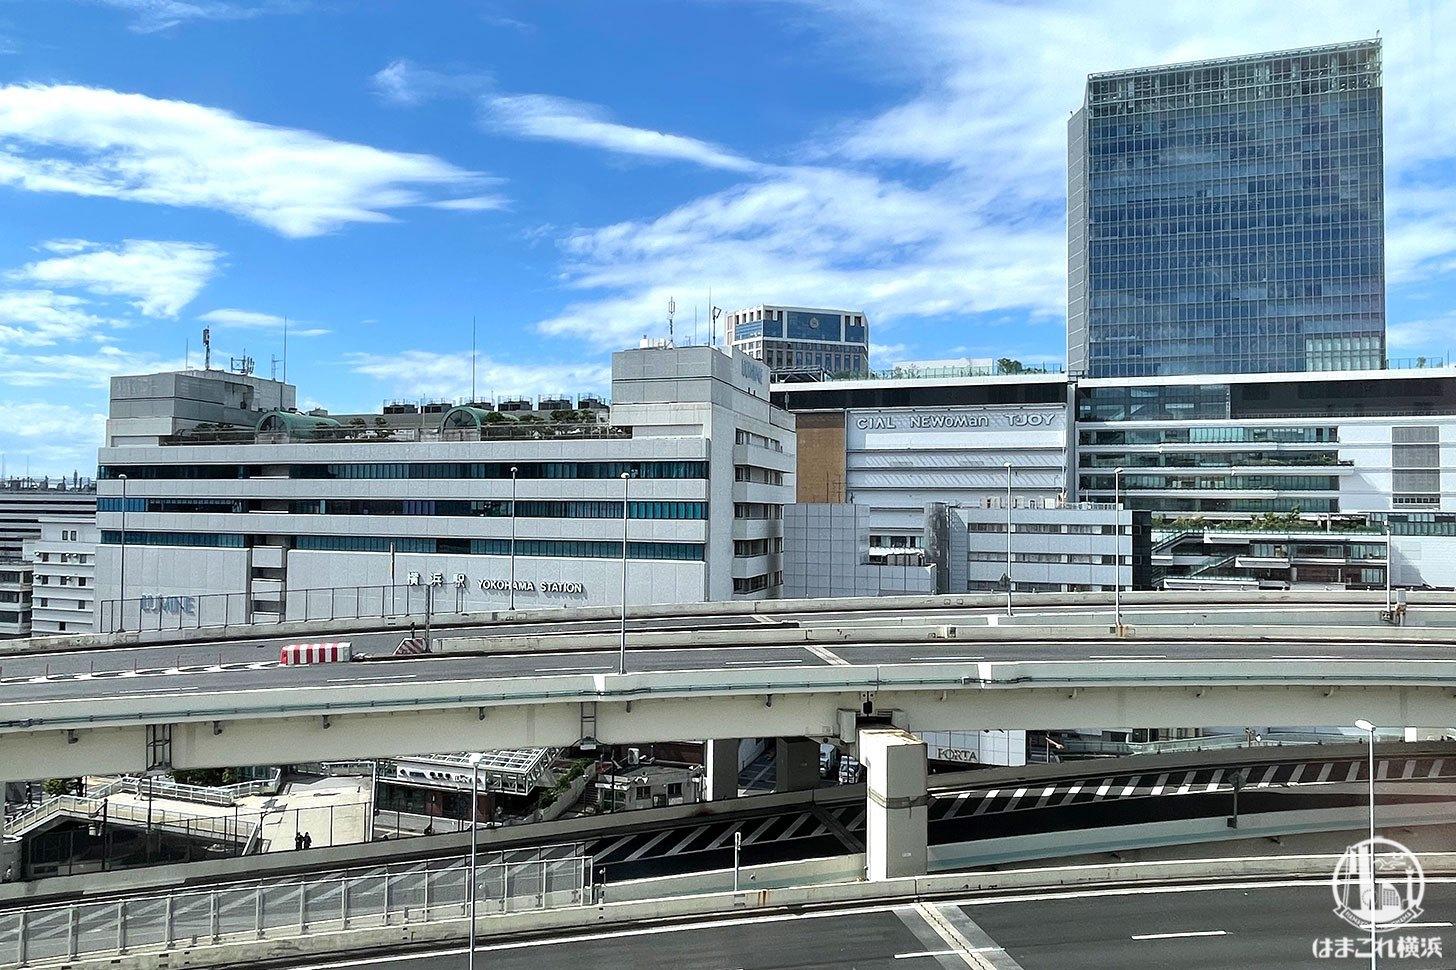 カフェメディオから見た横浜駅西口のJR横浜タワー